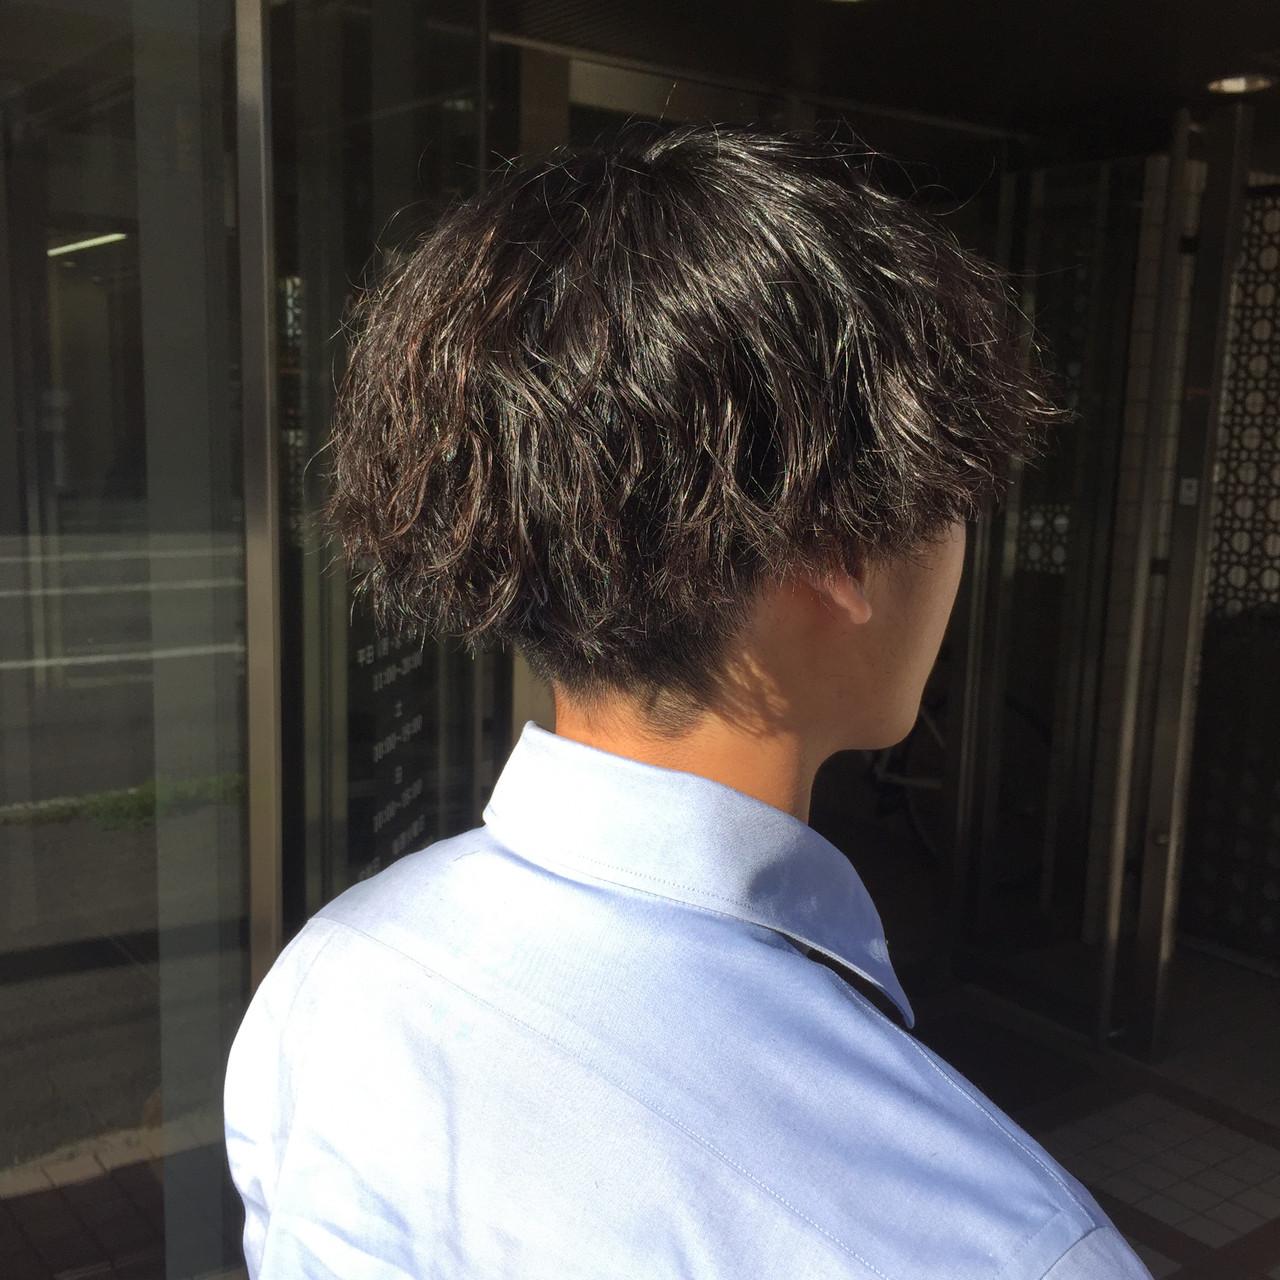 ストリート メンズパーマ ショート メンズヘア ヘアスタイルや髪型の写真・画像